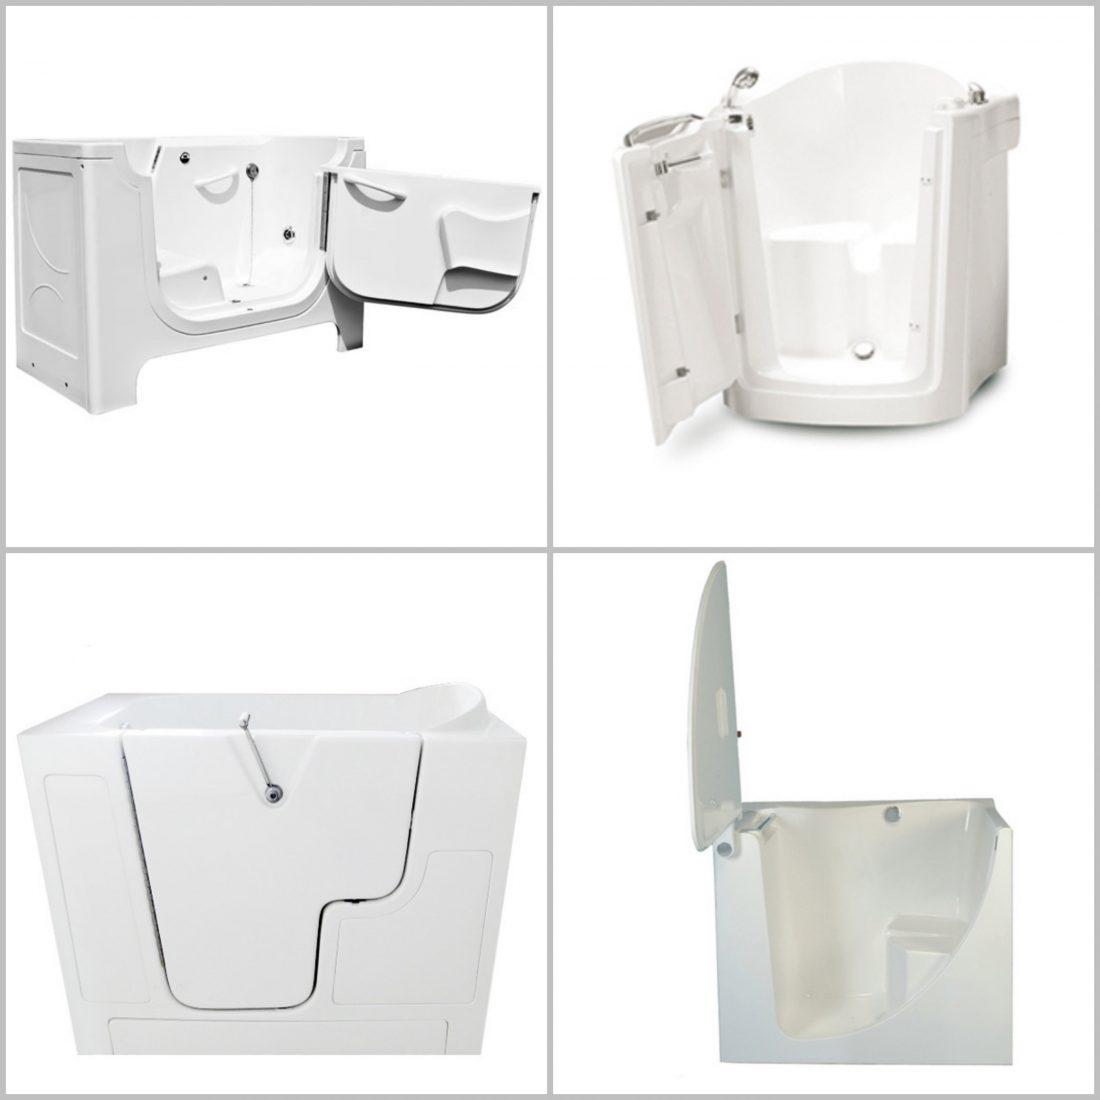 badekar funksjonshjemmet